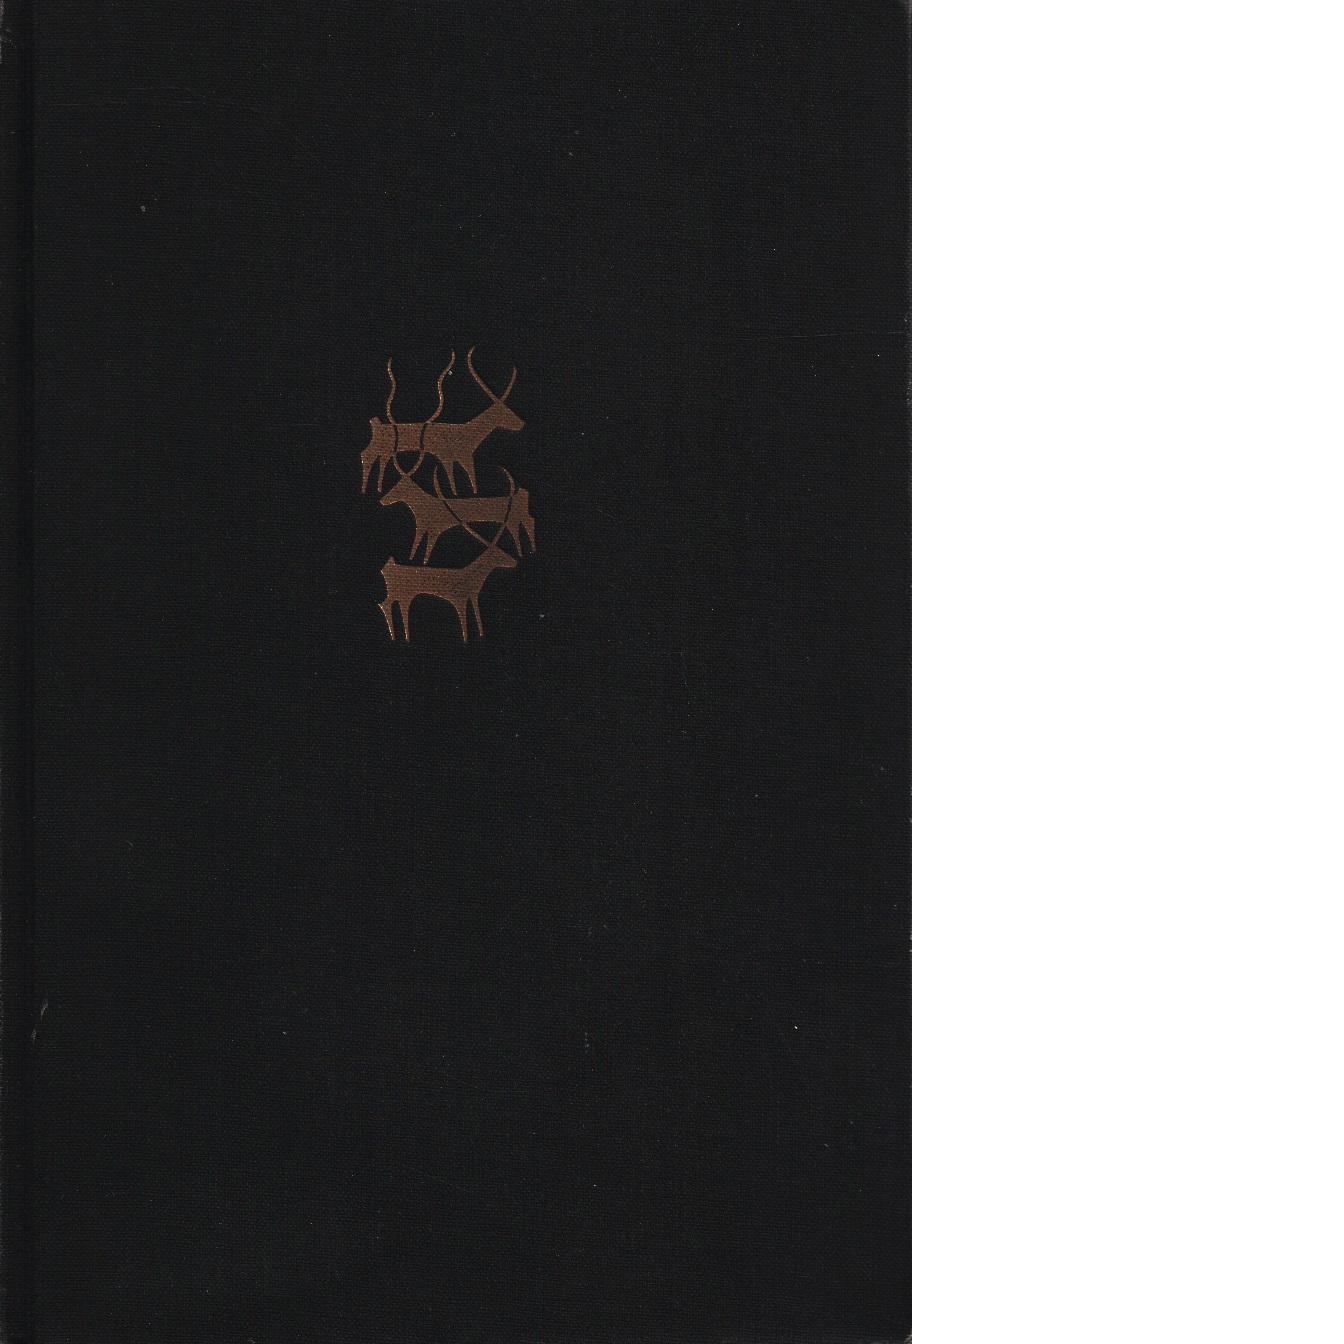 Alla tiders djur : om djurlivets utveckling på jorden och djurens roll i människans värld - Lewinsohn, Richard